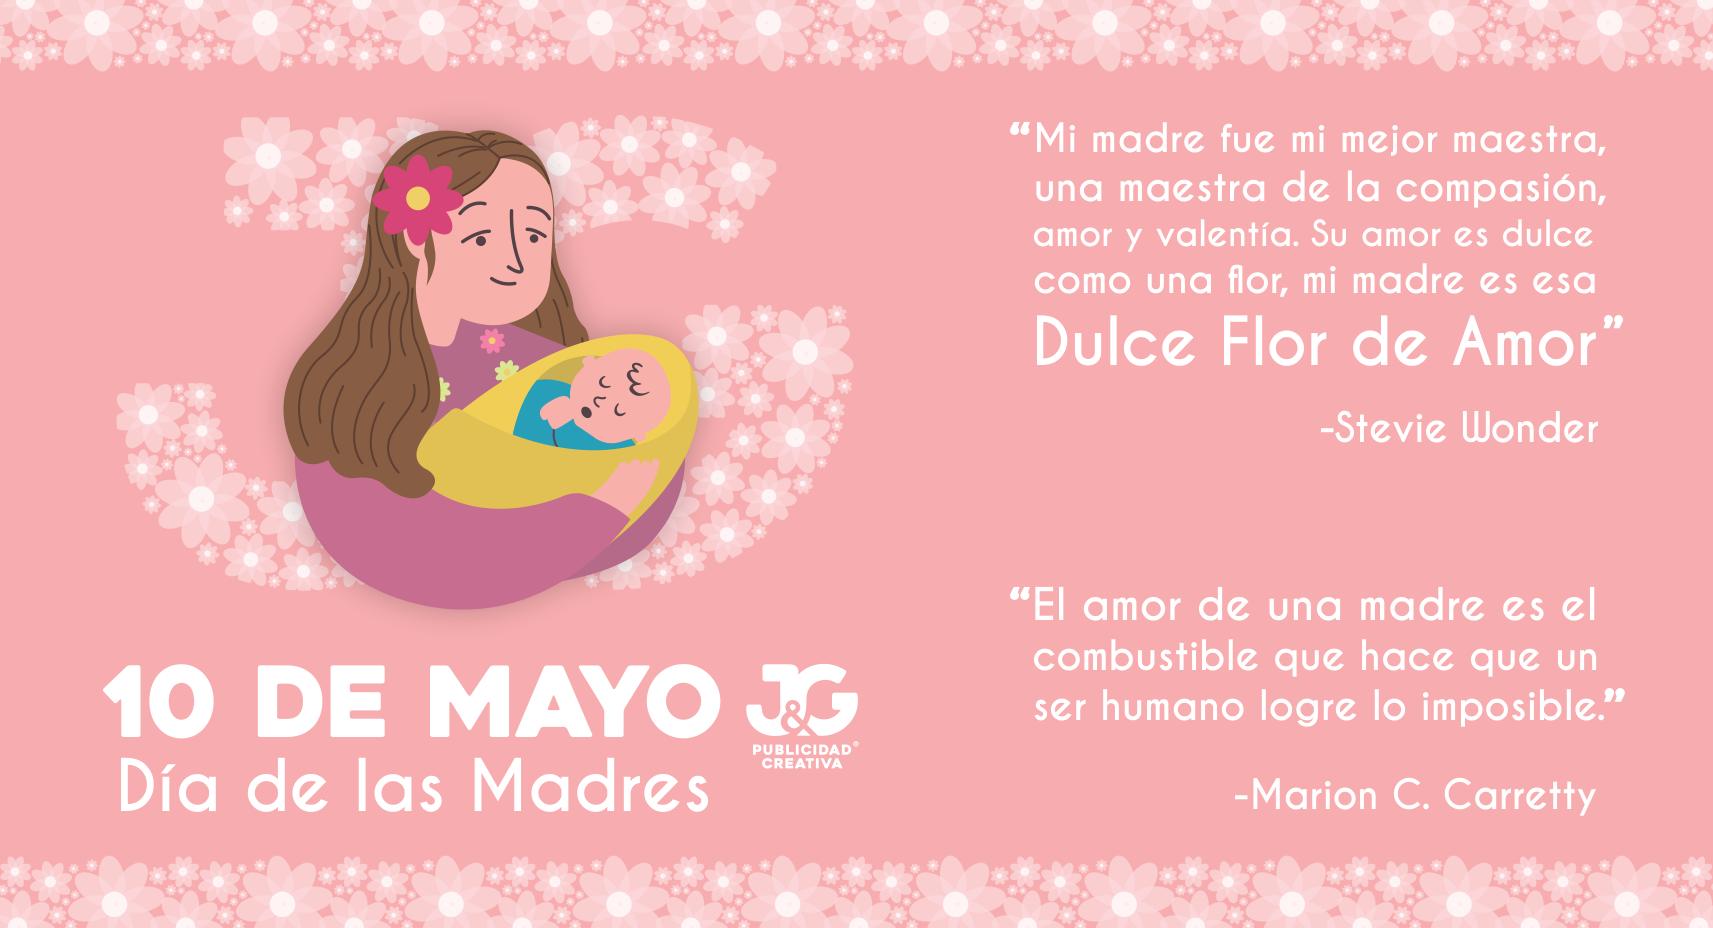 10 de mayo - Día de las madres 2018